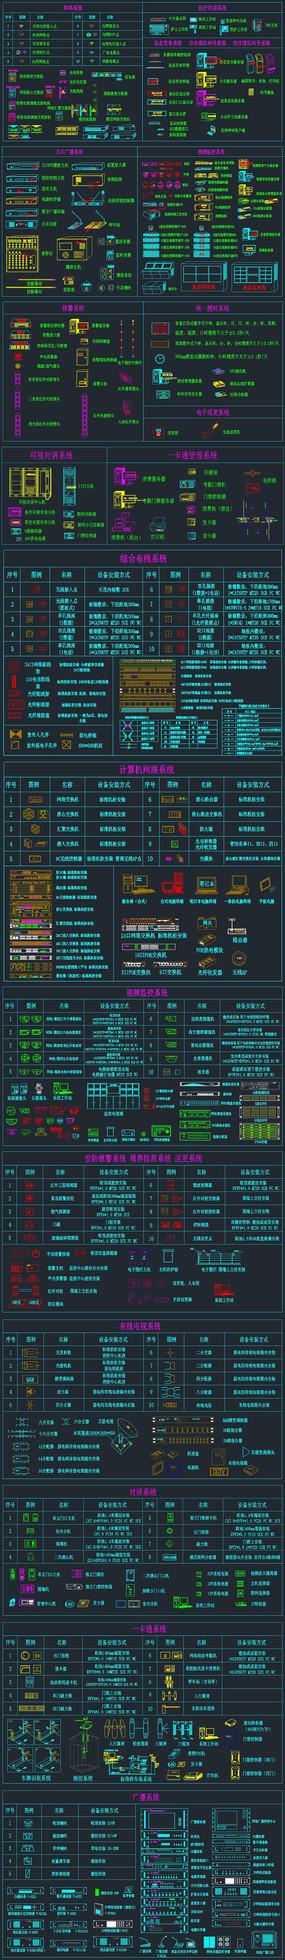 超全弱电智能化系统CAD图例